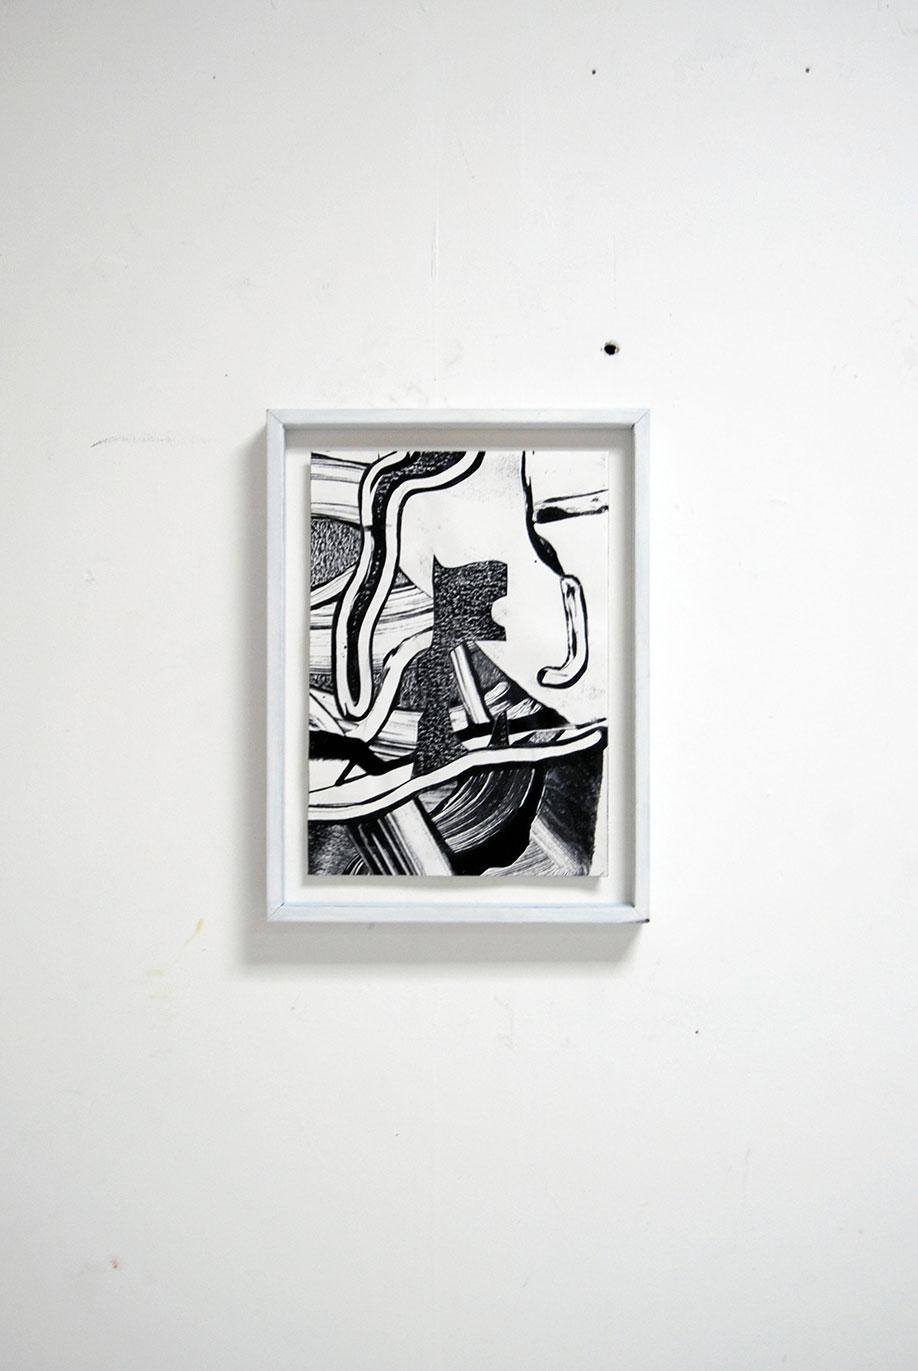 <b>Title:</b>Untitled (black flag)<br /><b>Year:</b>2018<br /><b>Medium:</b>Acrylic and collage on paper<br /><b>Size:</b>21 x 29.7 cm